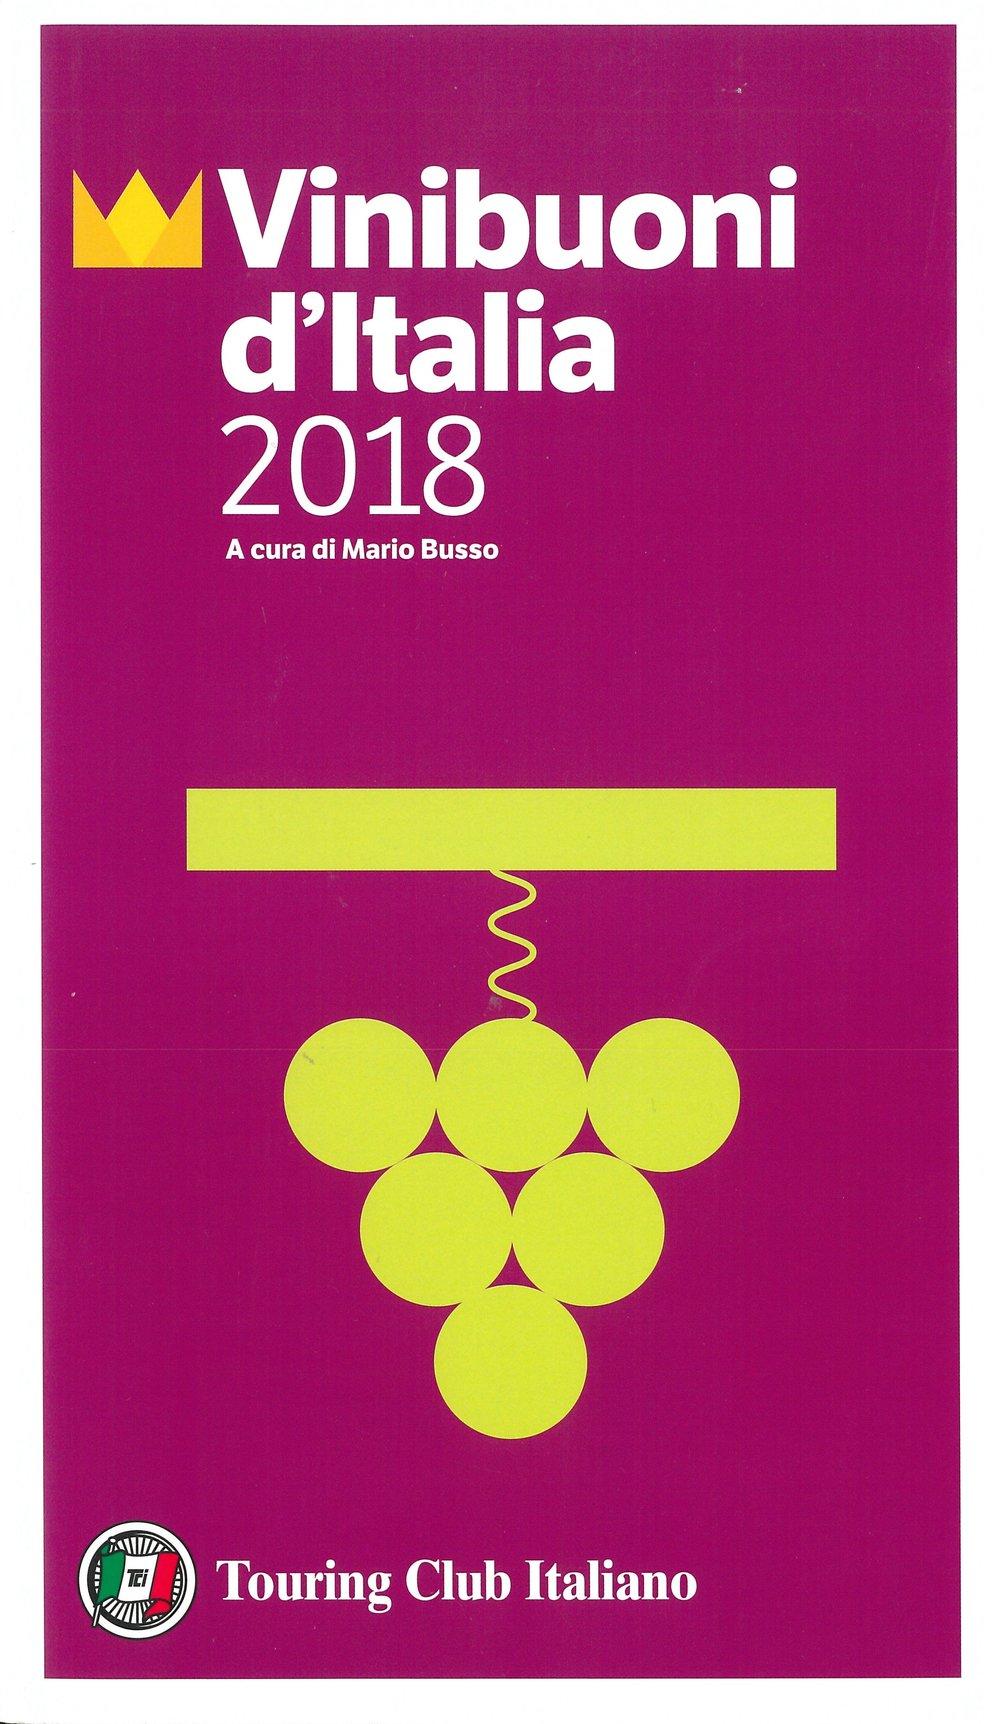 Touring Editore_Vinibuoni d'Italia_2018_Cover.jpg